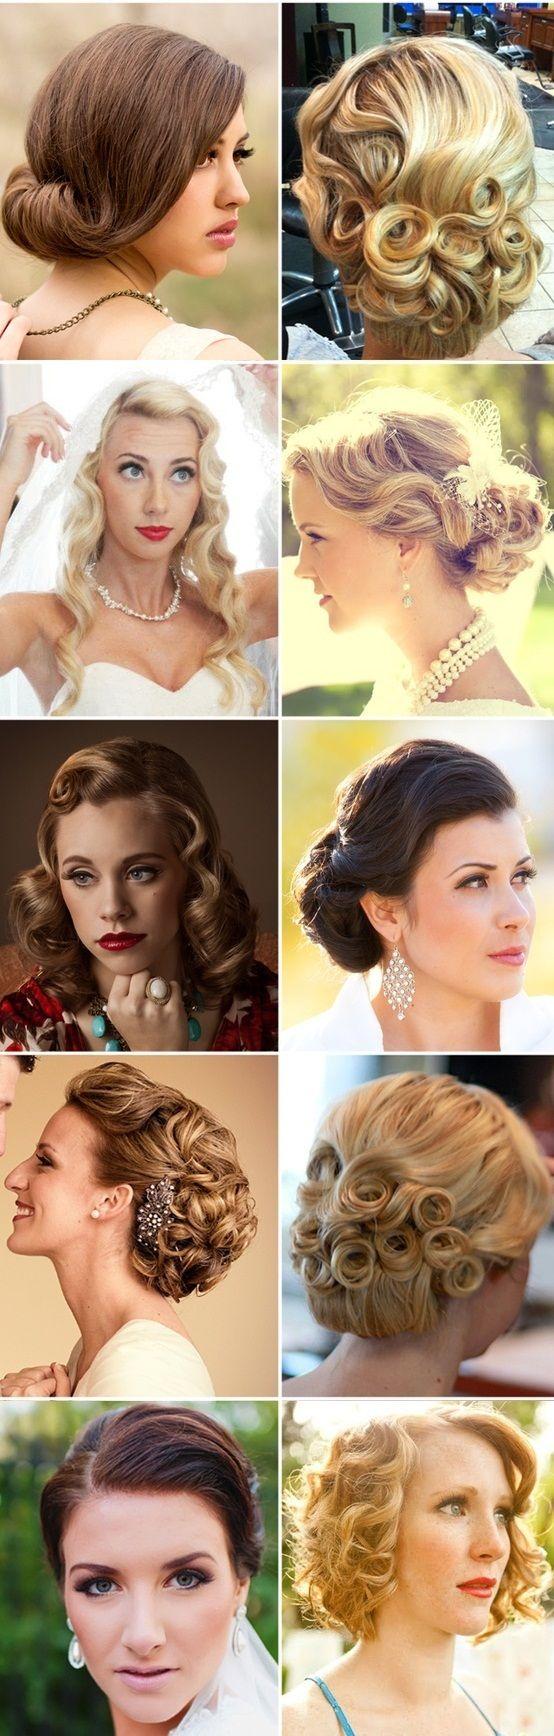 Vintage #bridal looks. #wedding